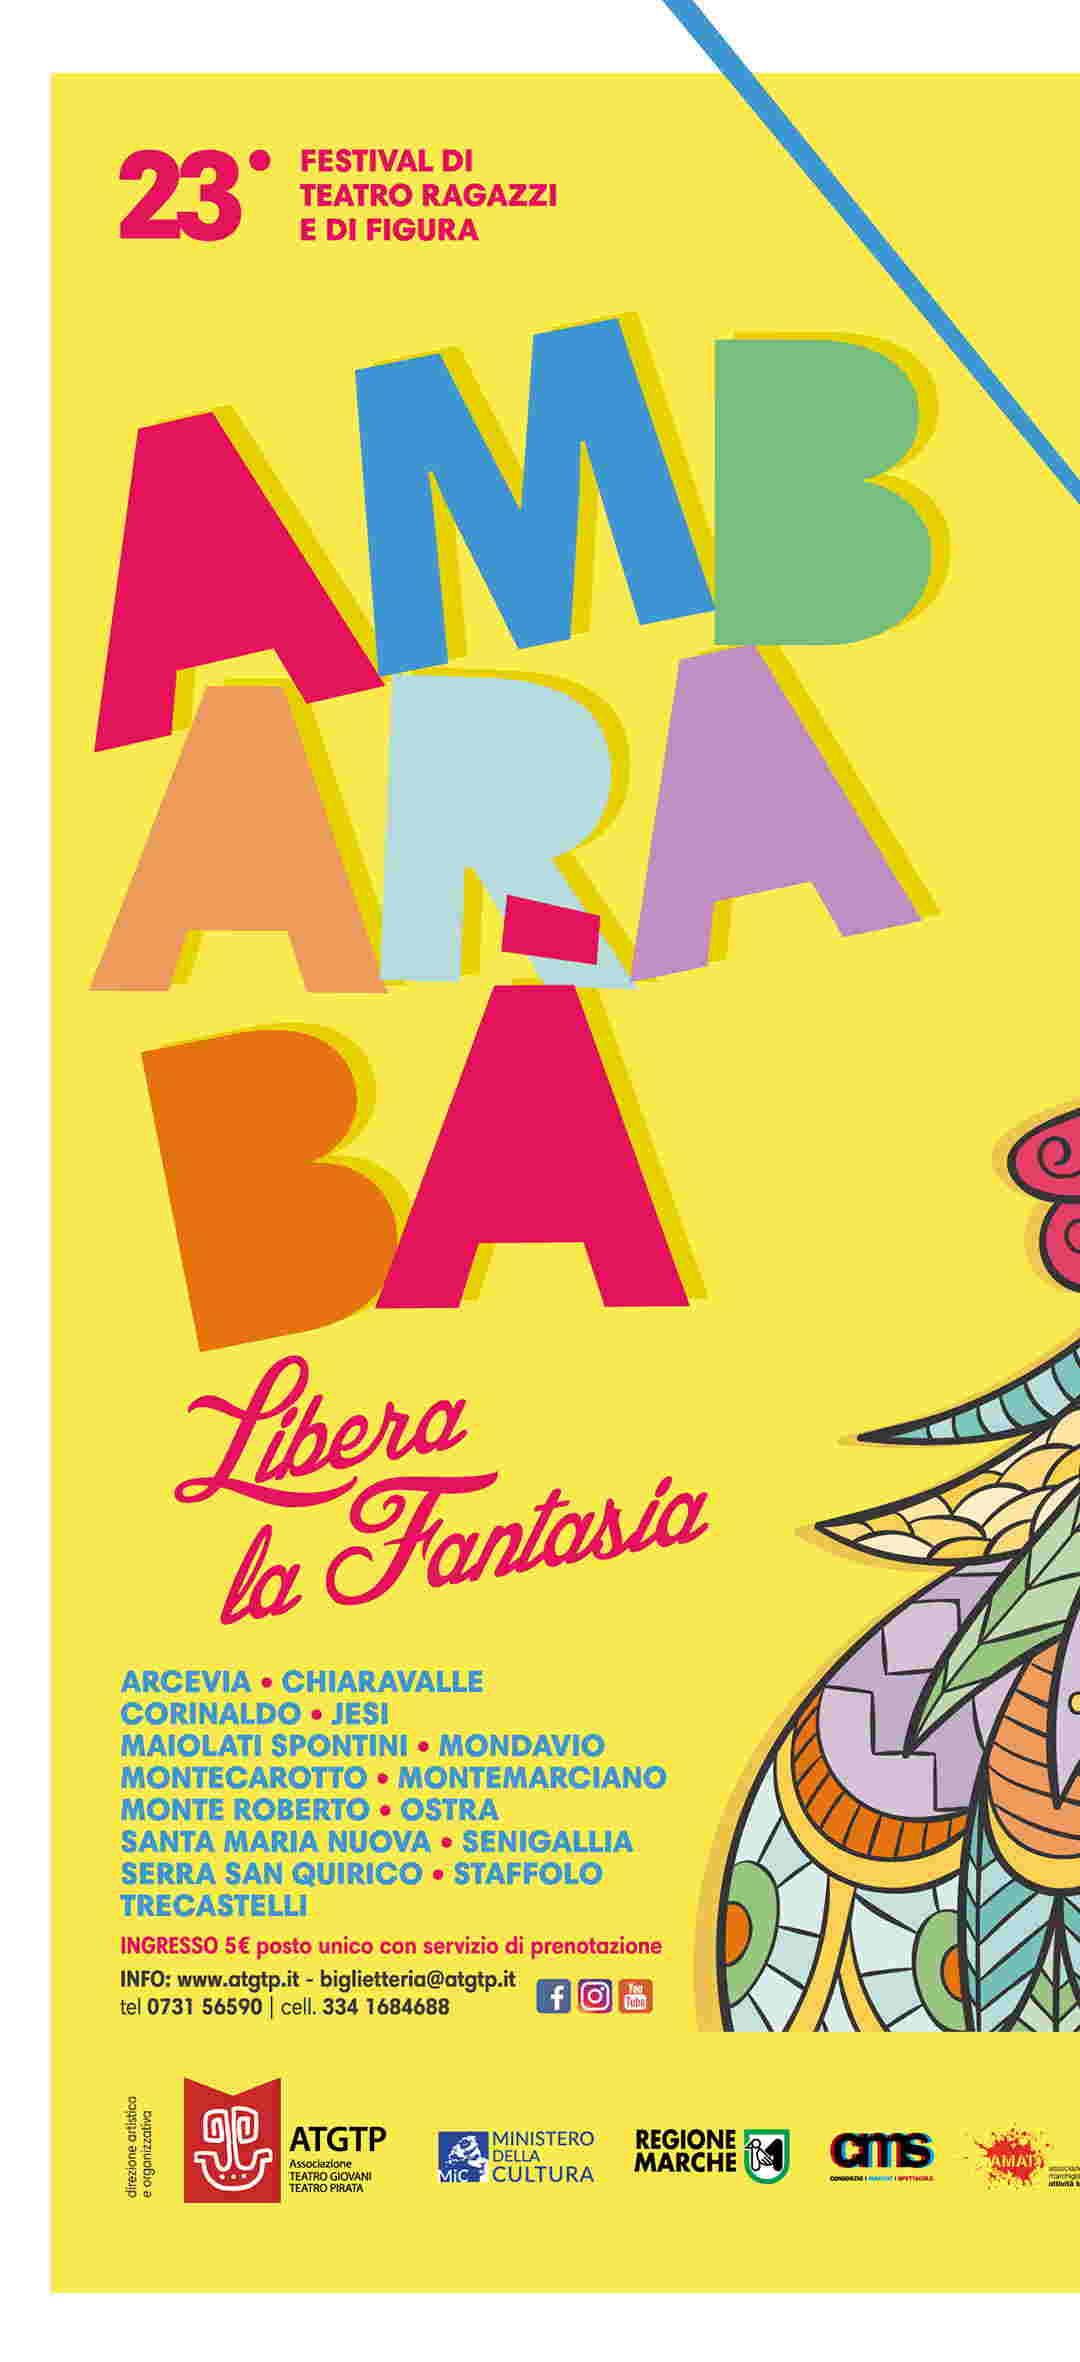 Riparte il Festival Ambarabà